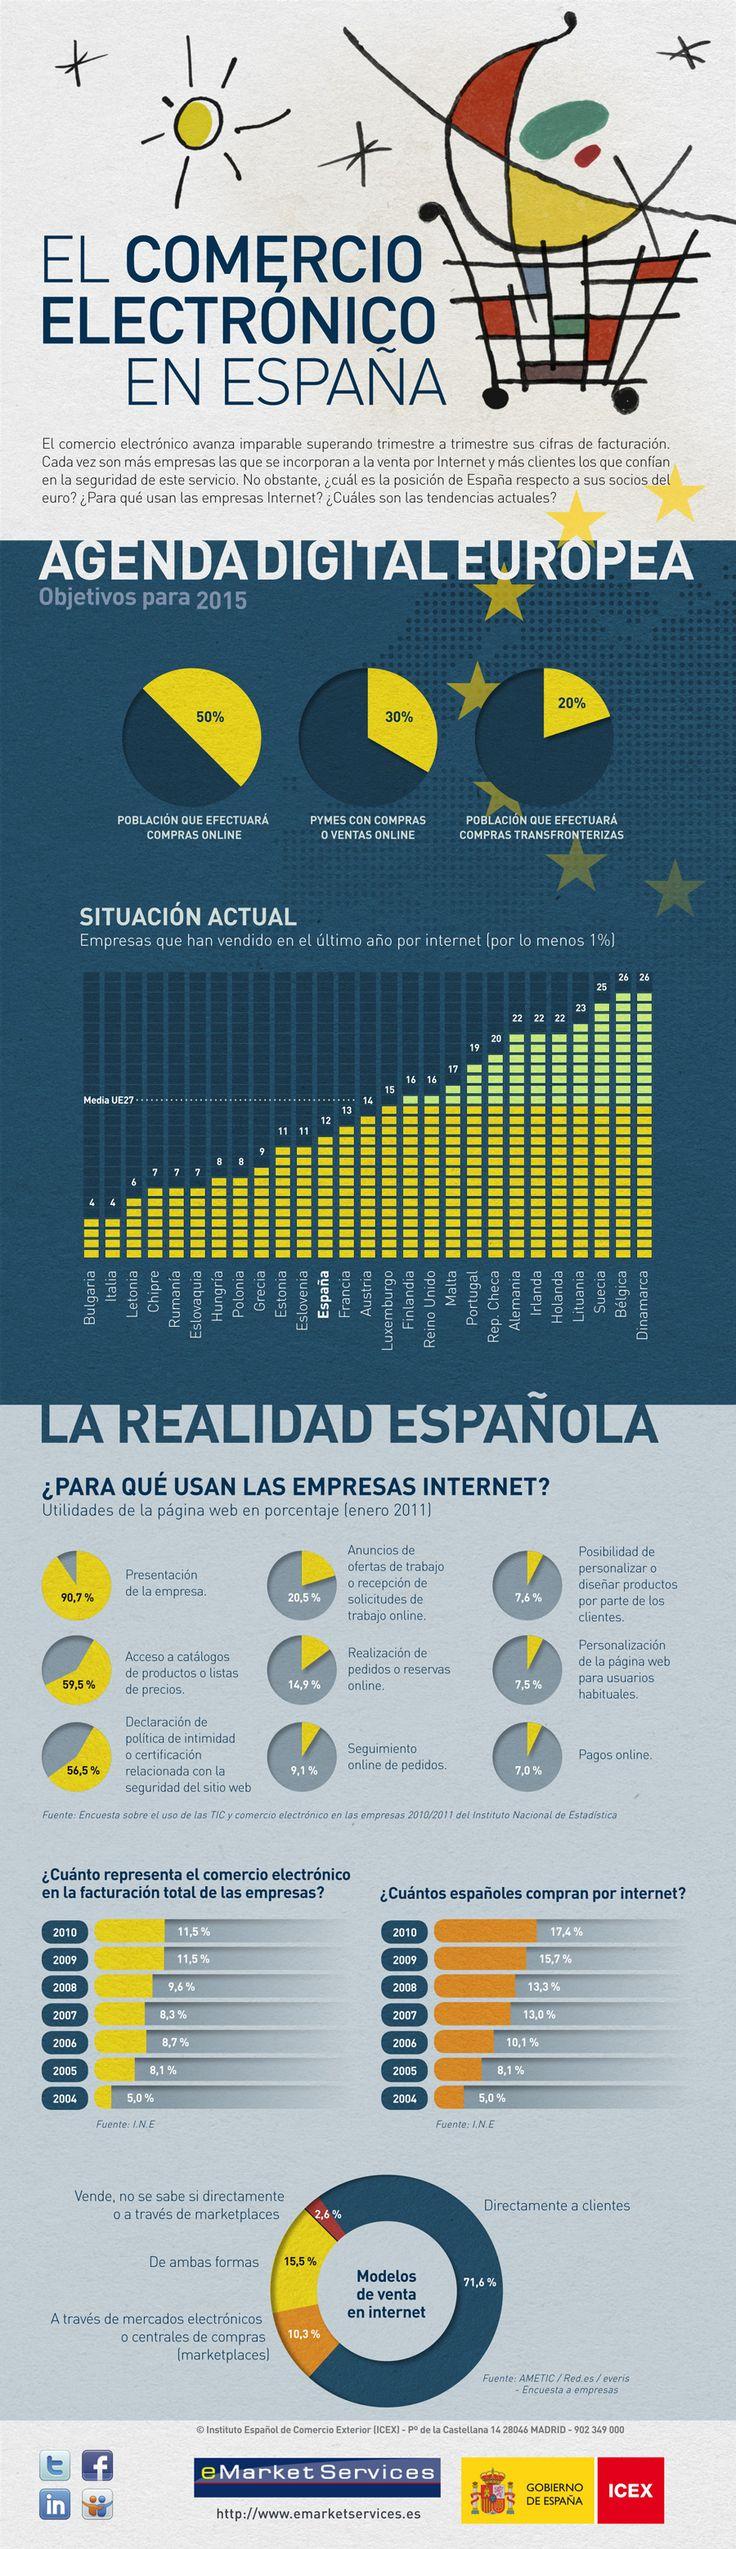 Infografía del comercio electrónico - eCommerce en España con datos de 2010-2011